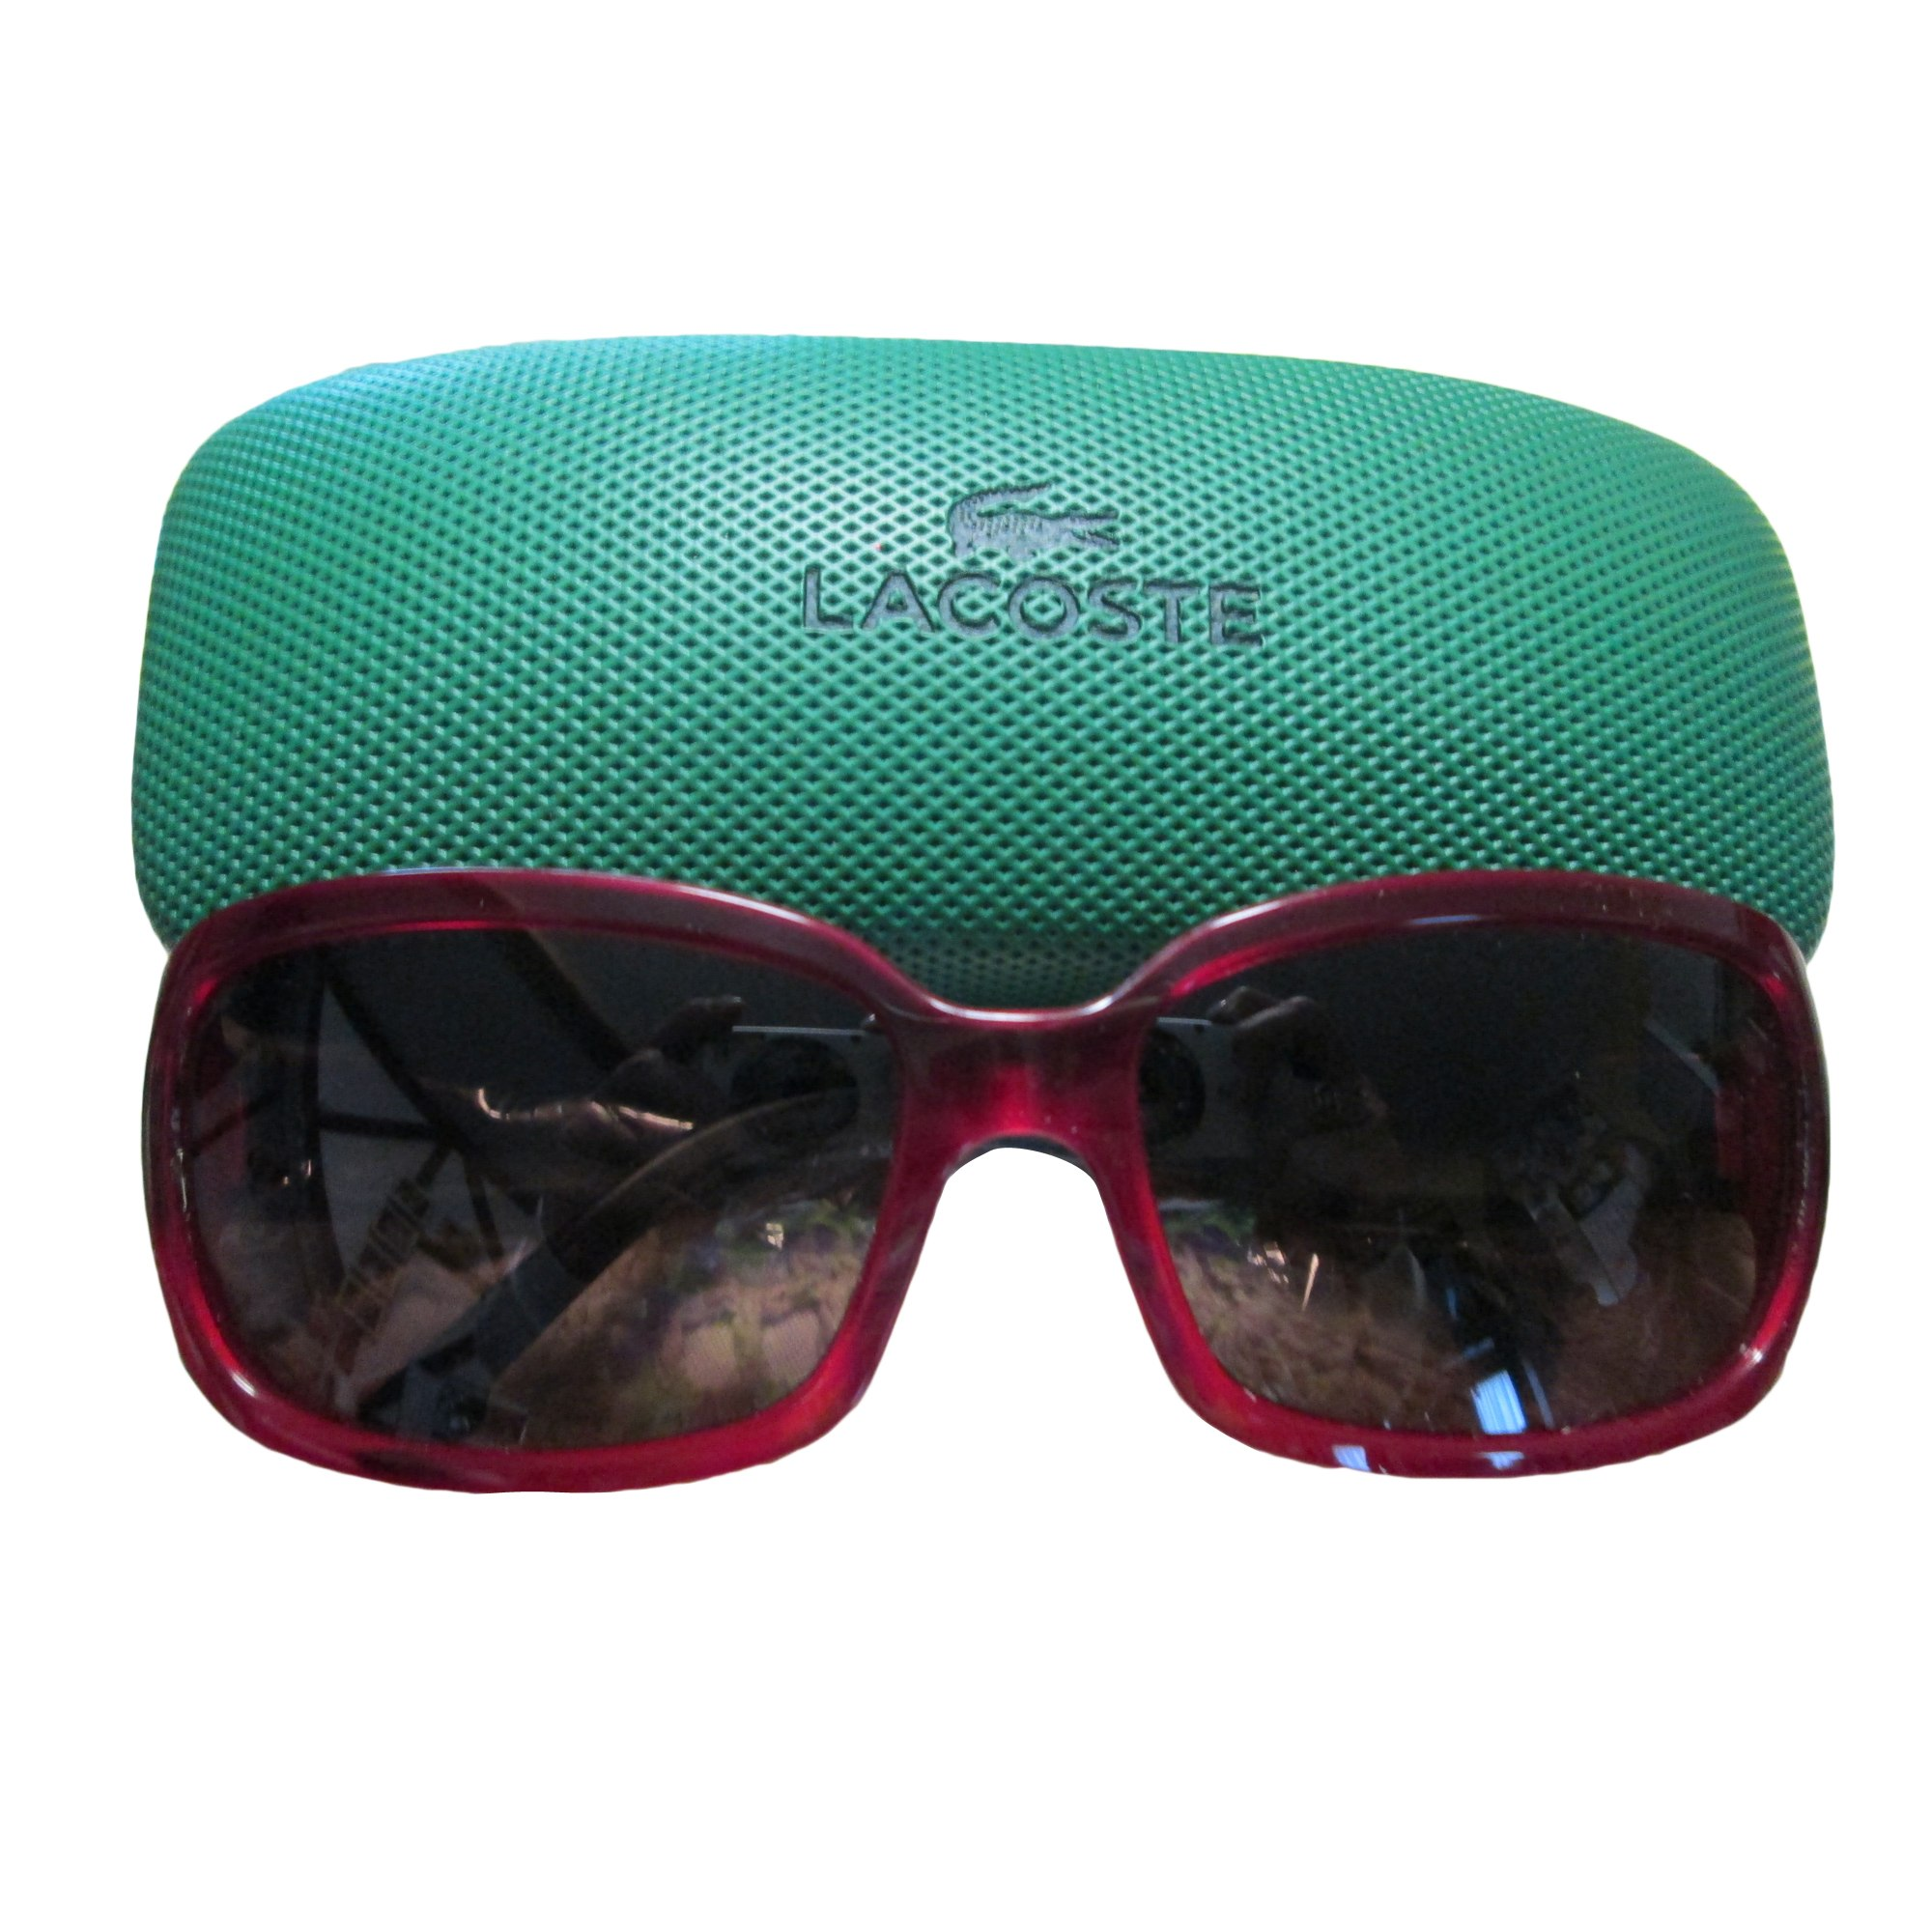 Lunettes de soleil LACOSTE rouge vendu par Yaya - 5159152 1492eec8bc02